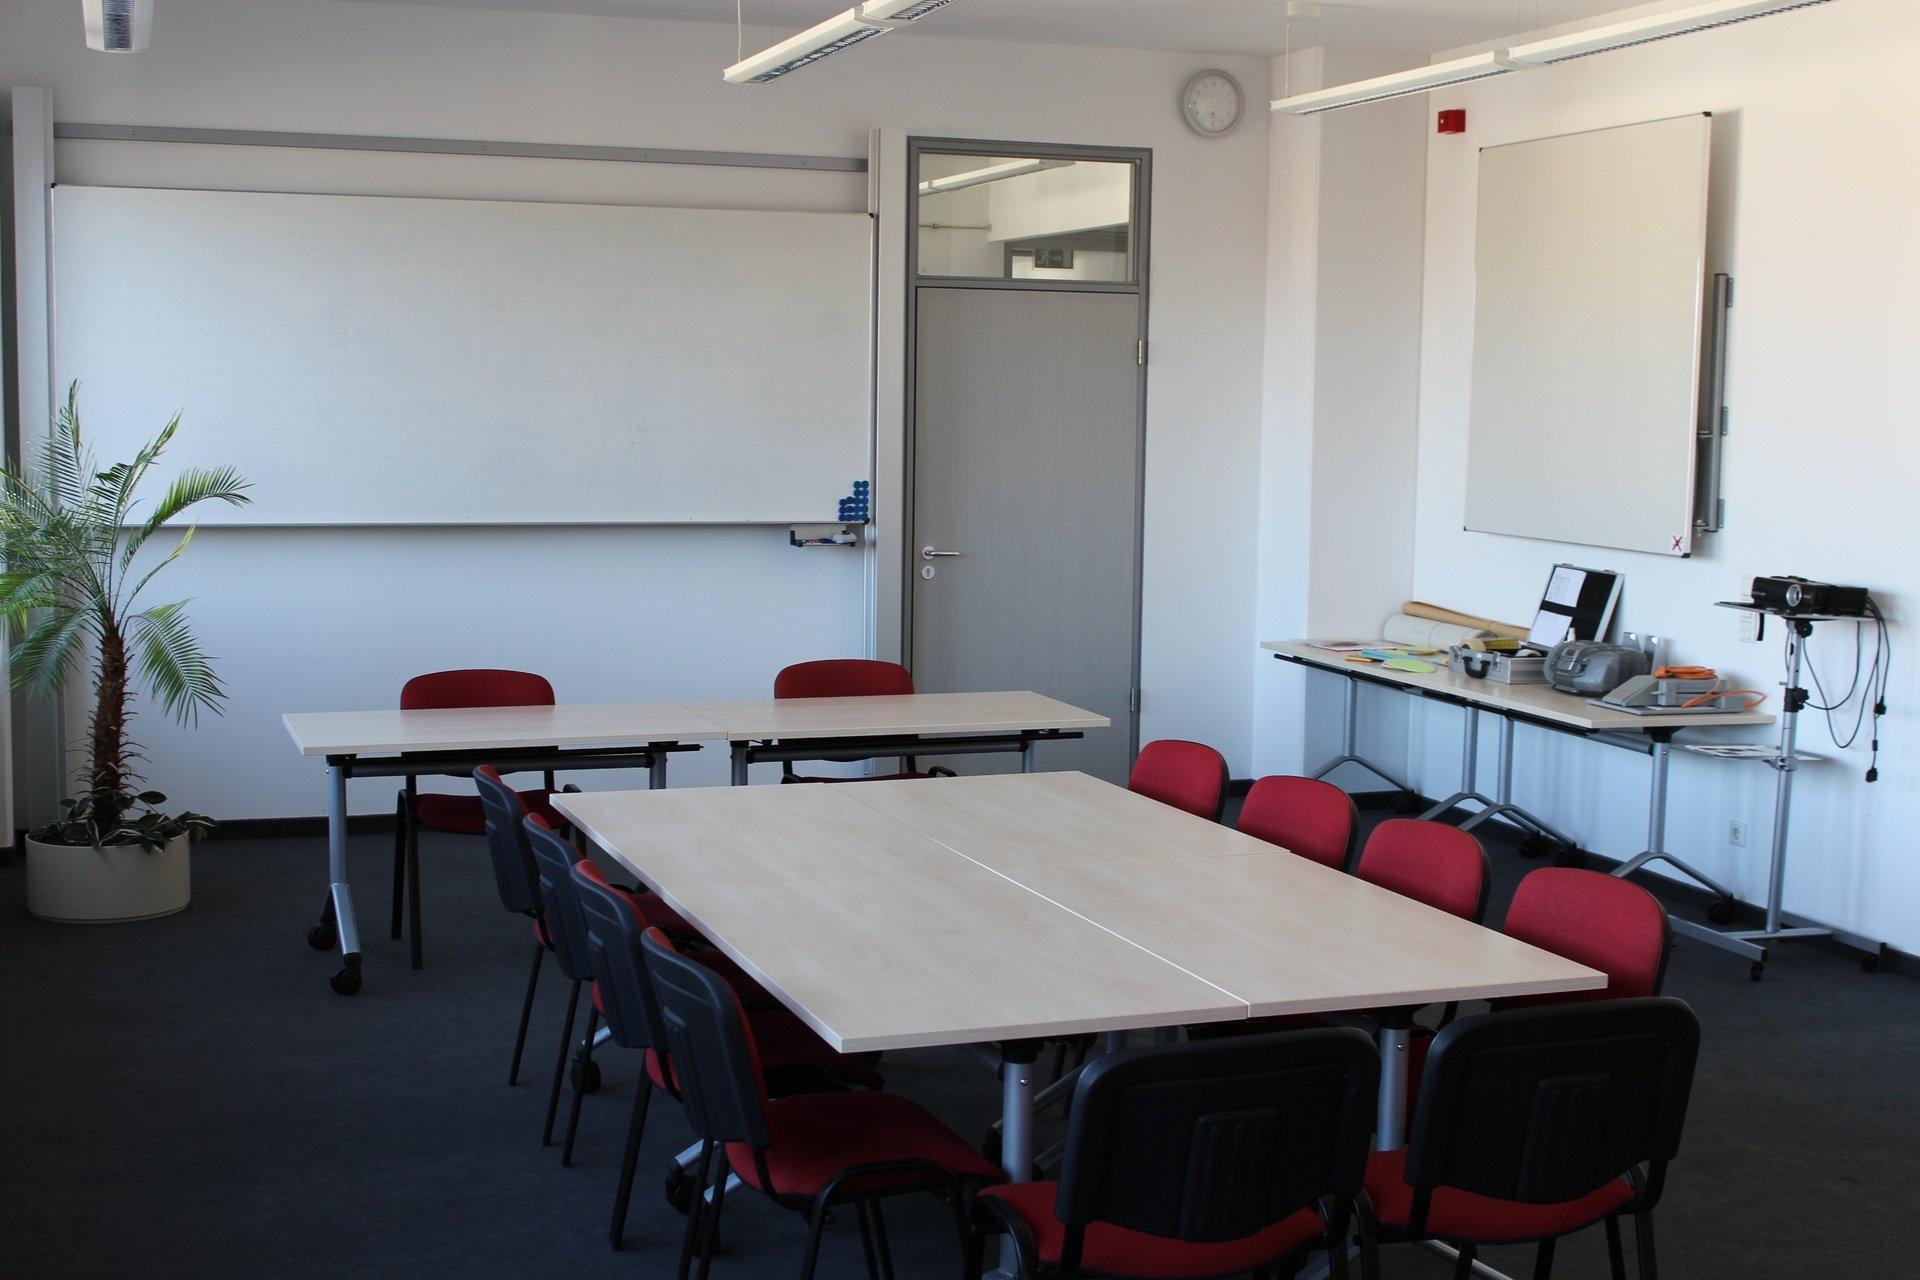 Nürnberg training rooms Meetingraum GIB Institut Seminarraum (2) image 0